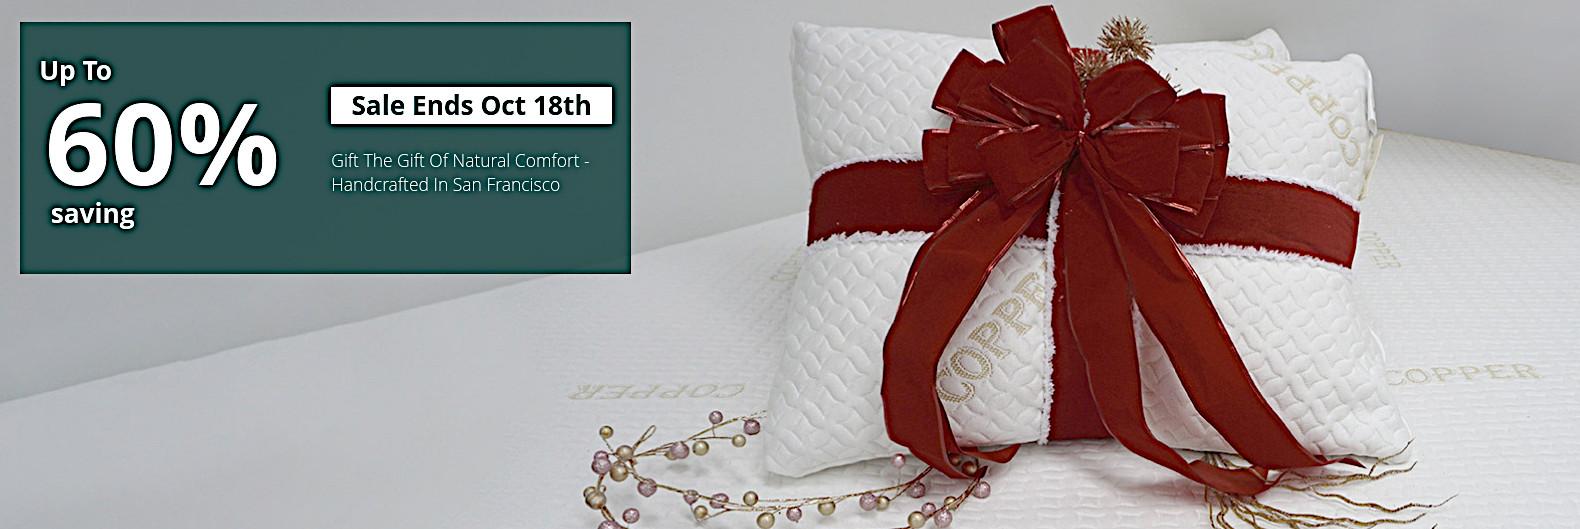 Unique bedding bundle collections